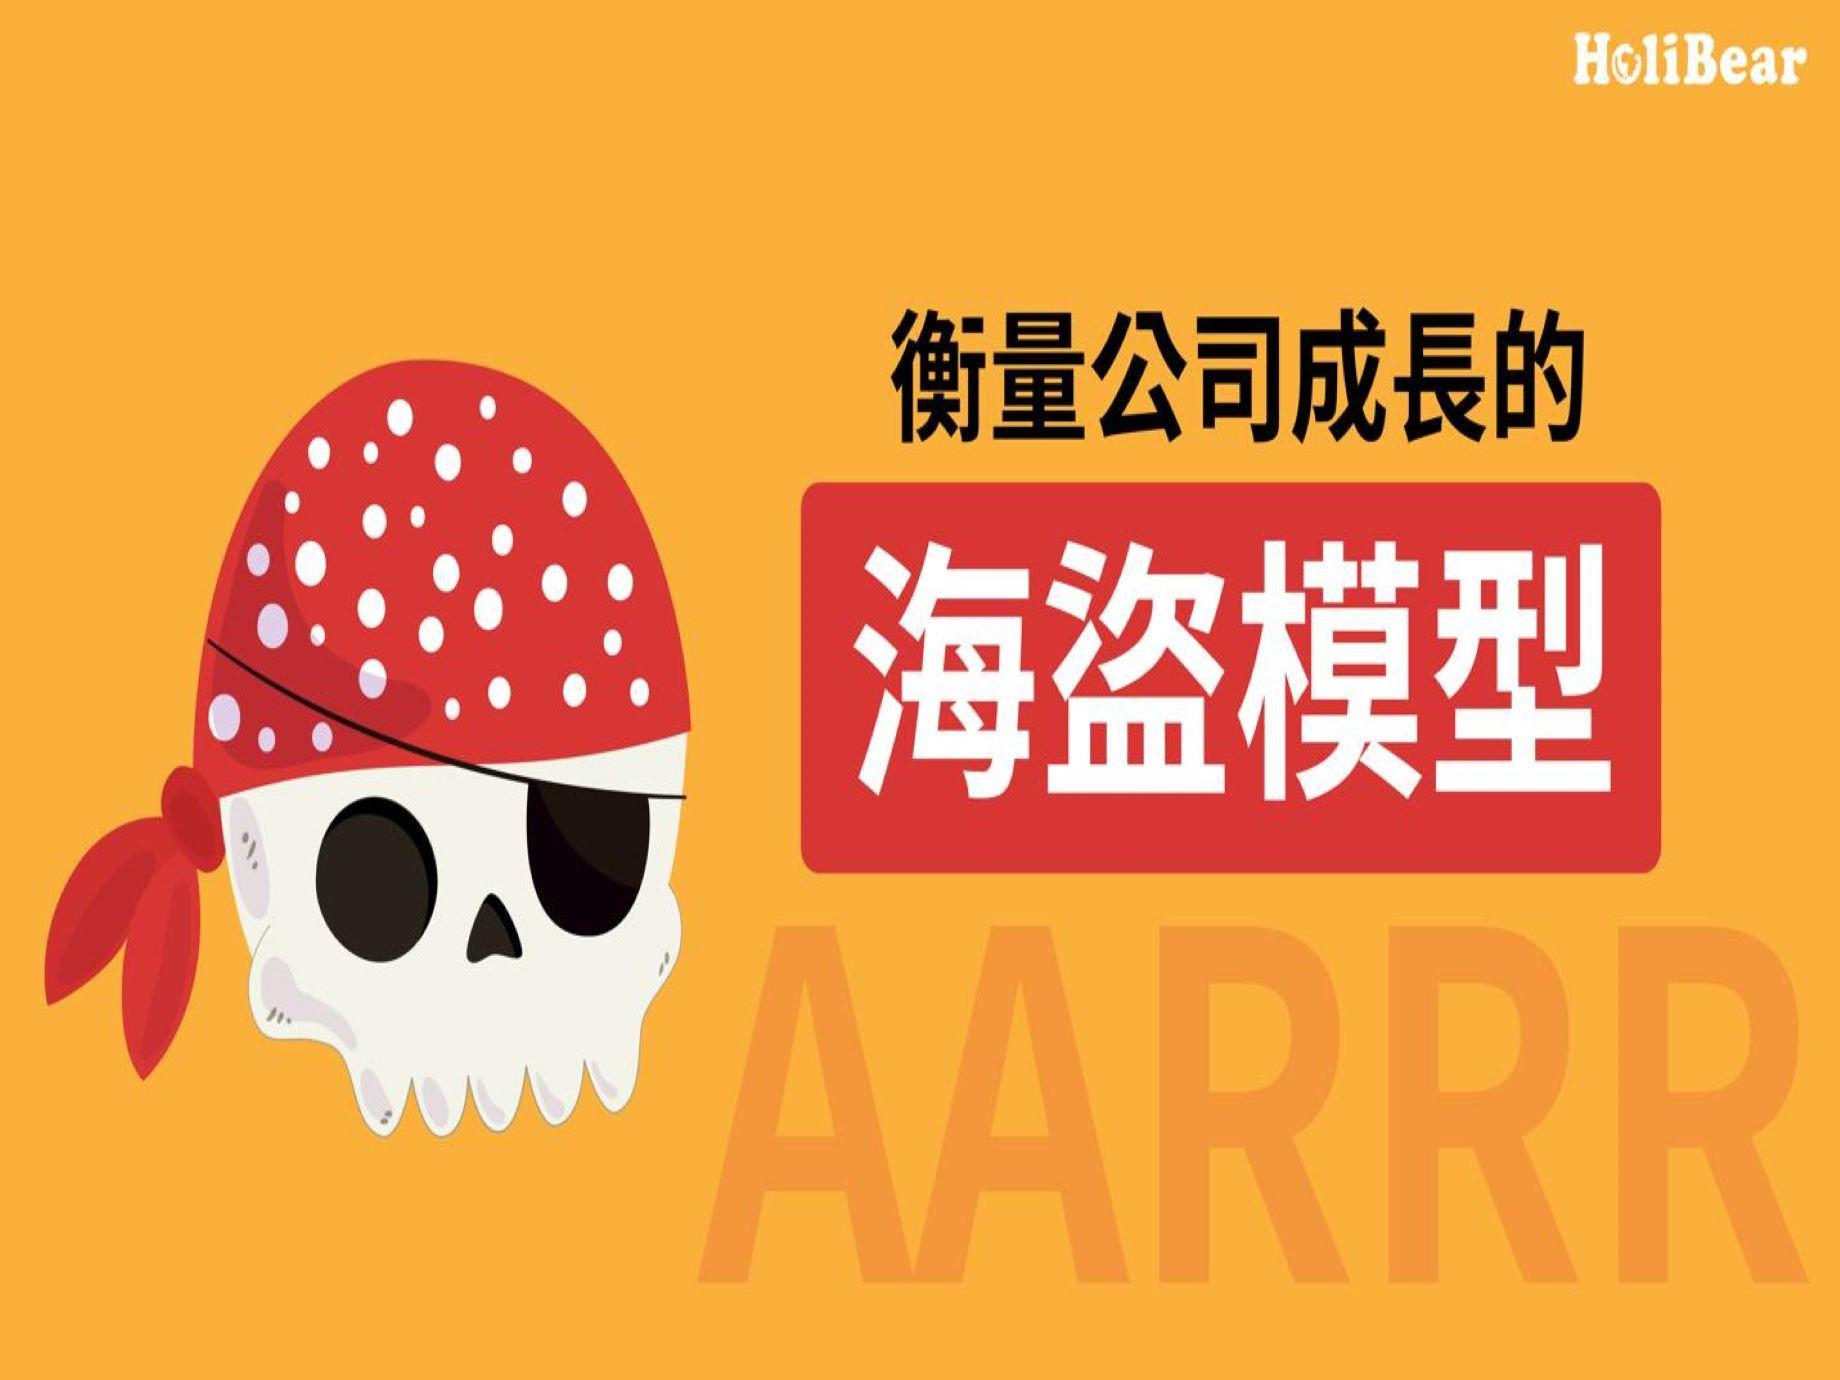 這才是有效行銷!套用「AARRR海盜模型」,清楚掌握每一波行銷成效,聚焦重點客戶!